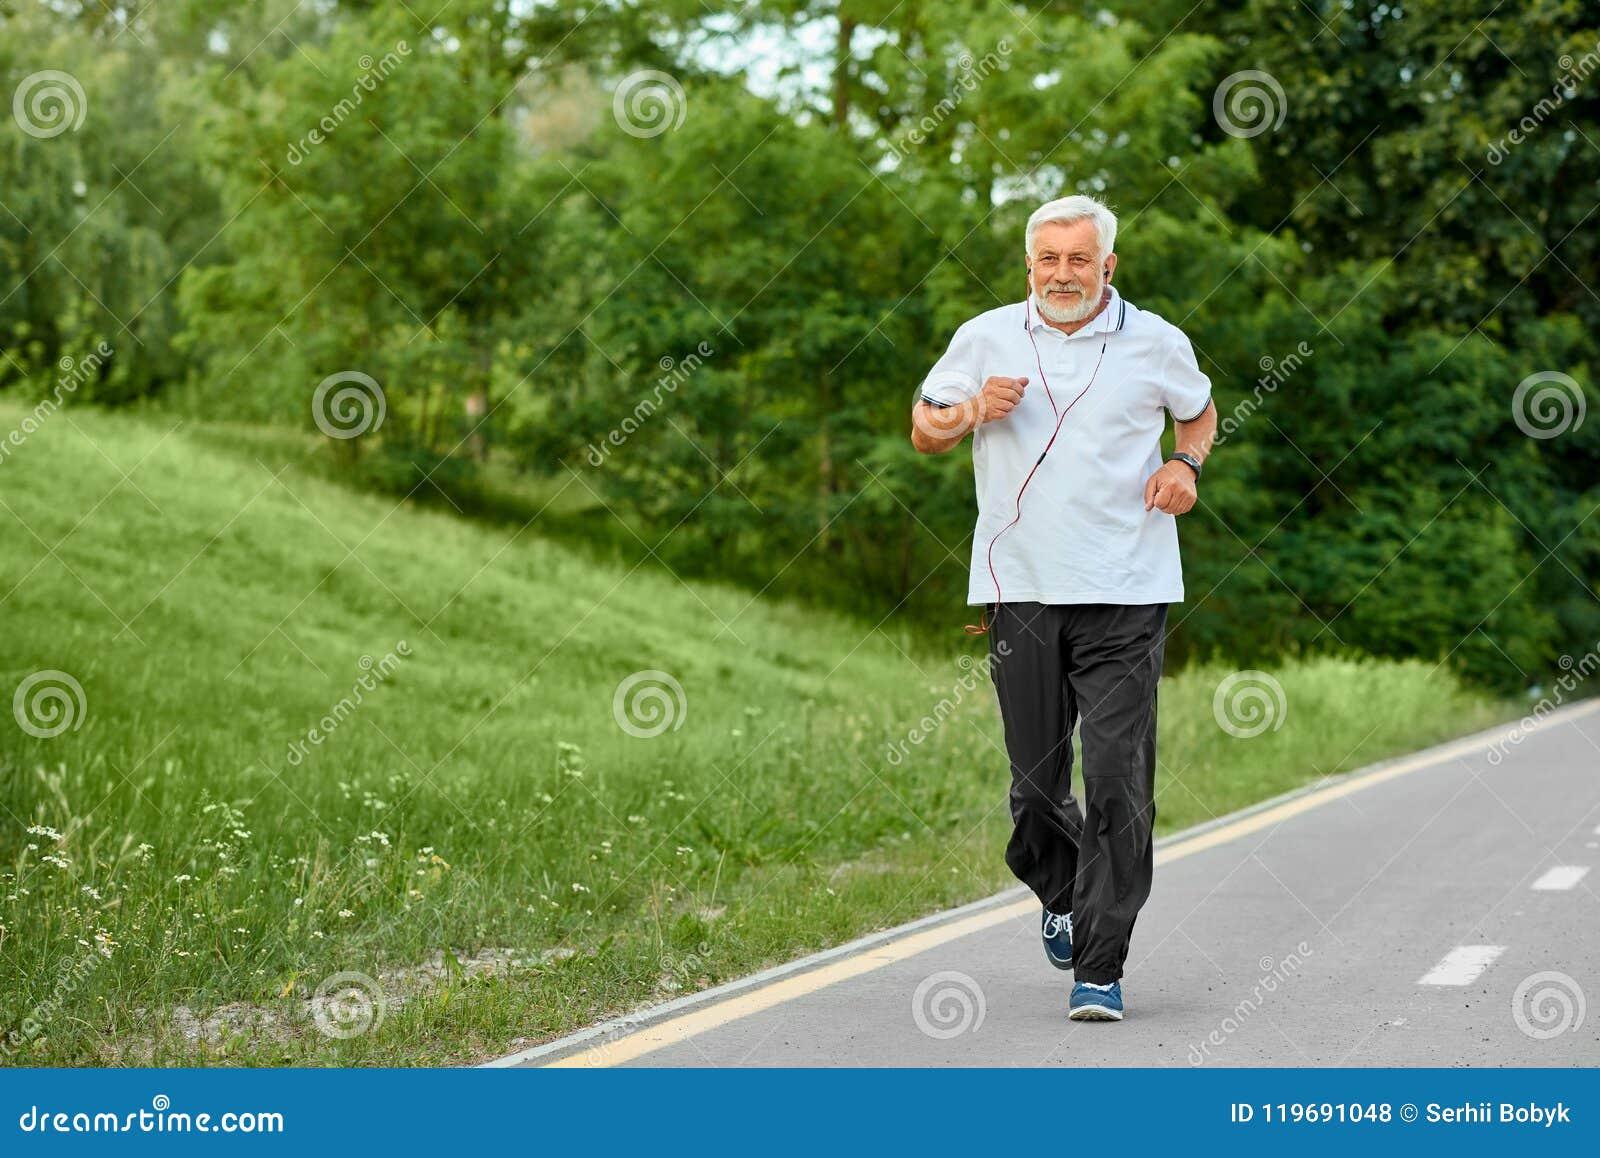 Vieil homme convenable courant sur le champ de courses en parc vert